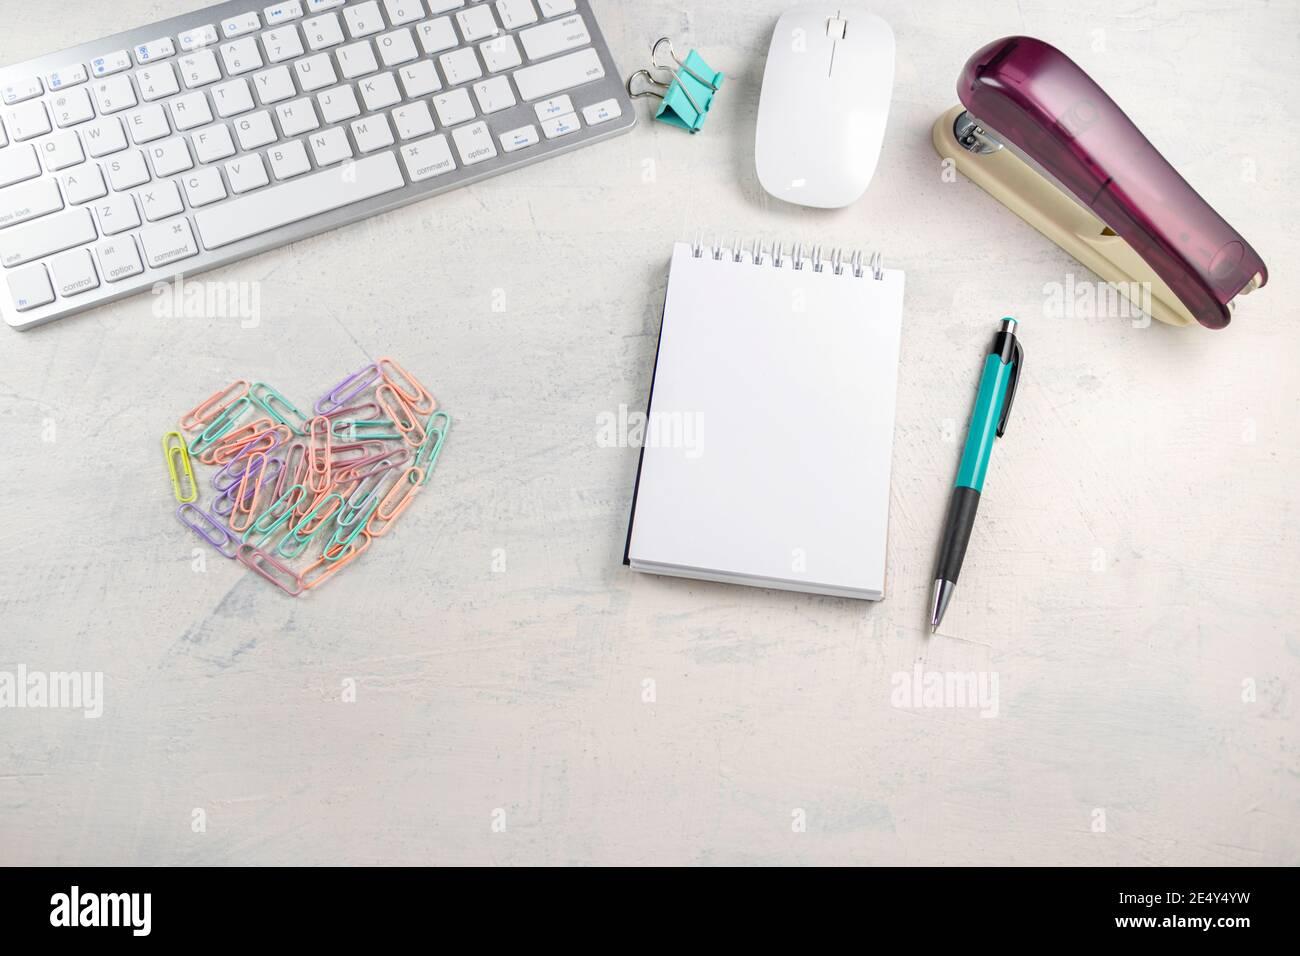 Graffette colorate sotto forma di cuore su un desktop con un blocco note vuoto per la scrittura. San Valentino in ufficio. Vista dall'alto Mock-up Foto Stock